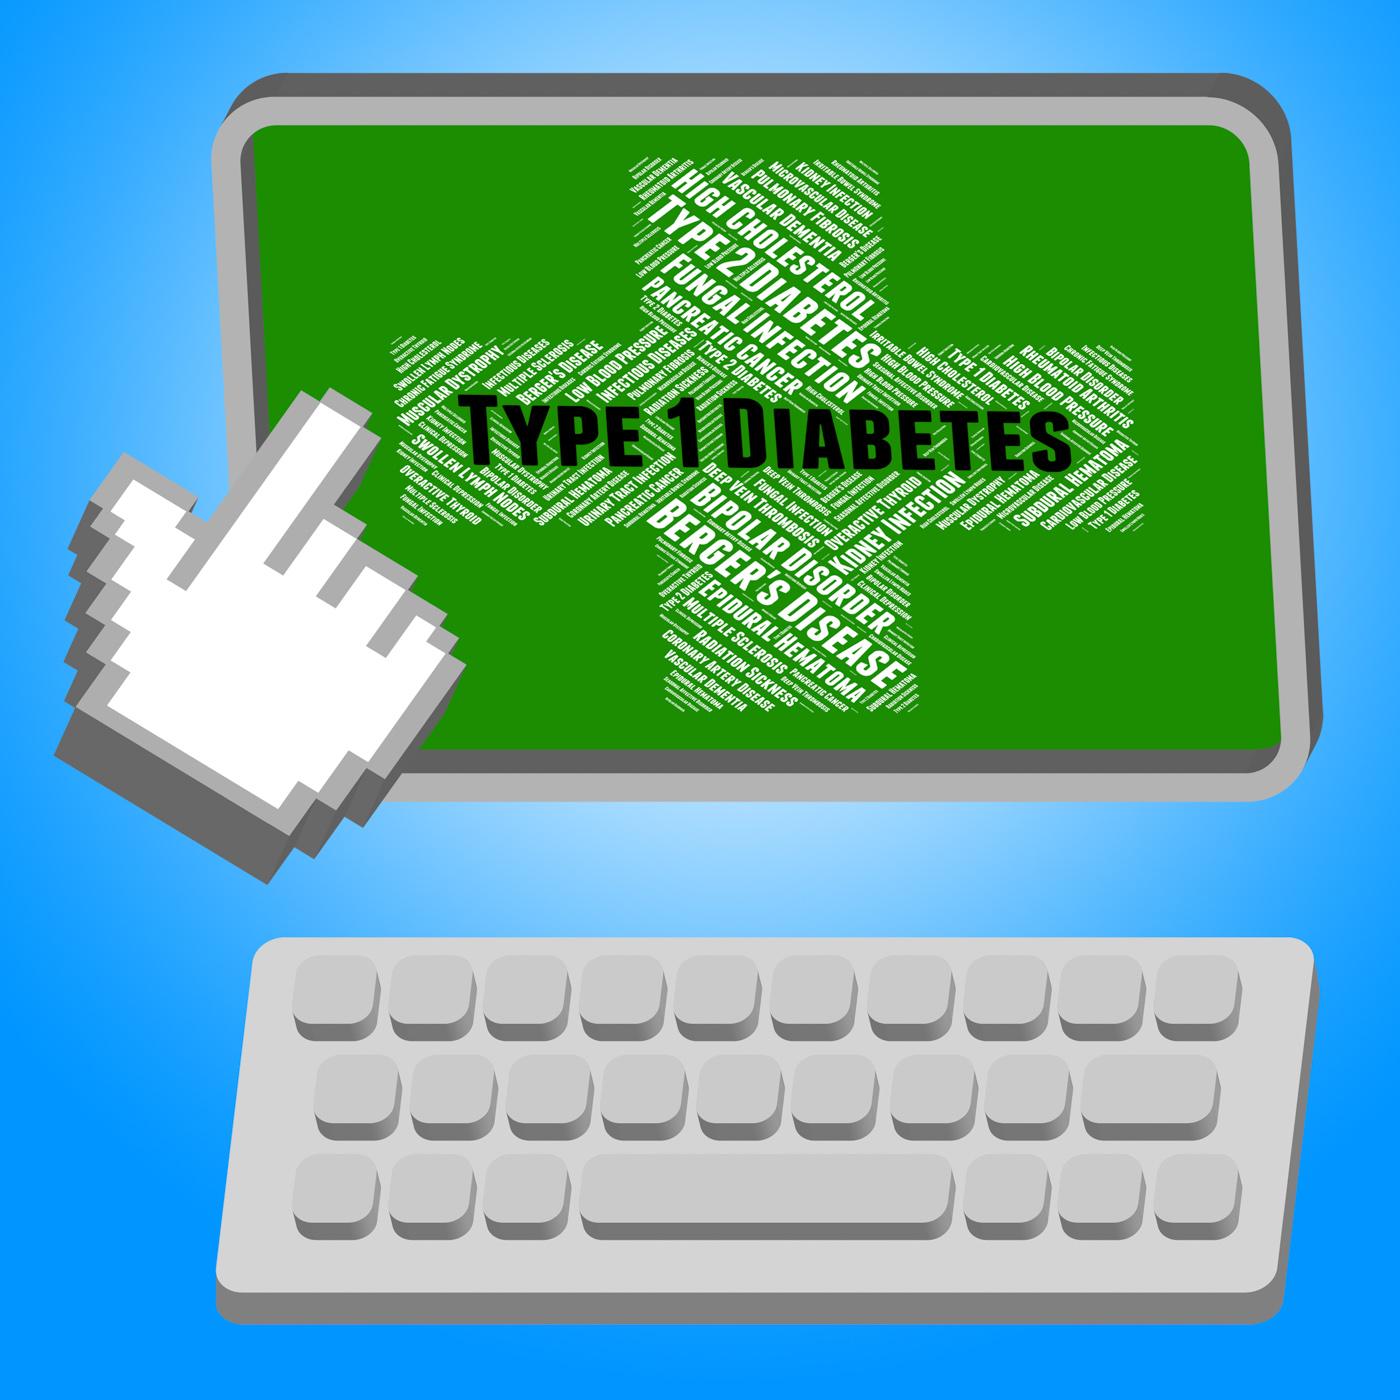 Diabetes illness indicates urine glucose and affliction photo